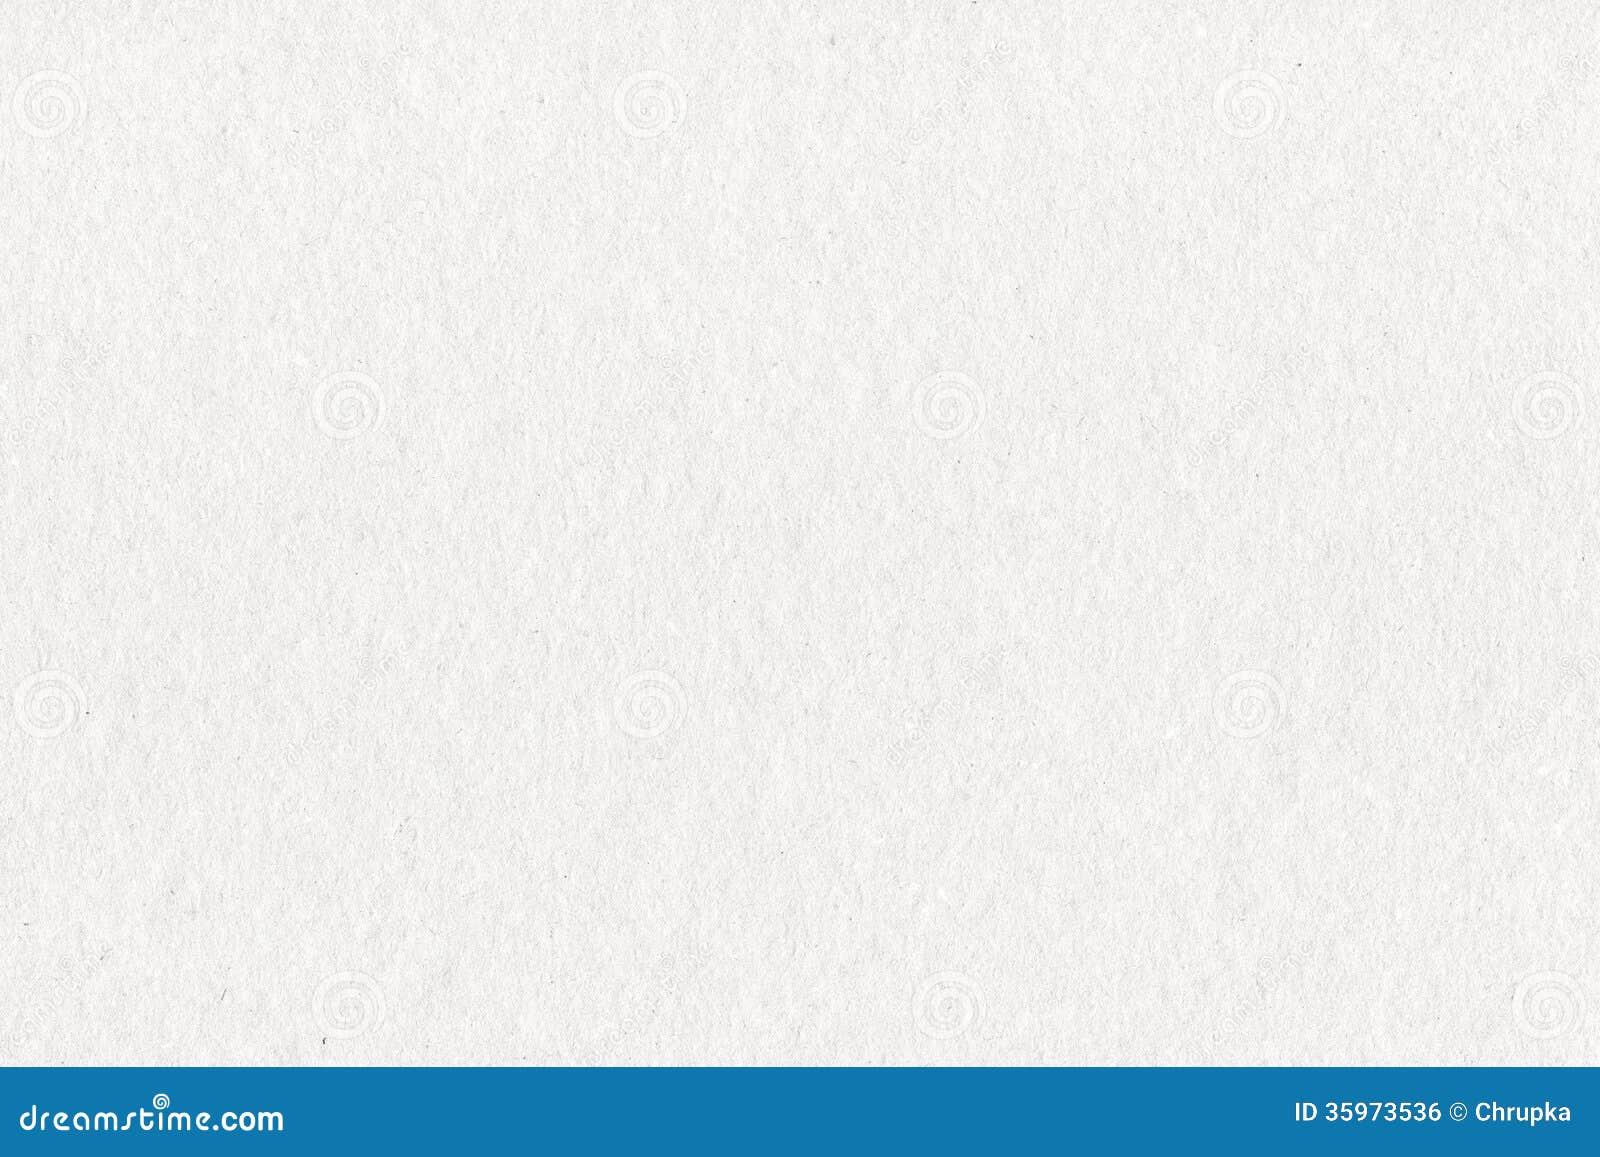 Fondo blanco de papel hecho a mano